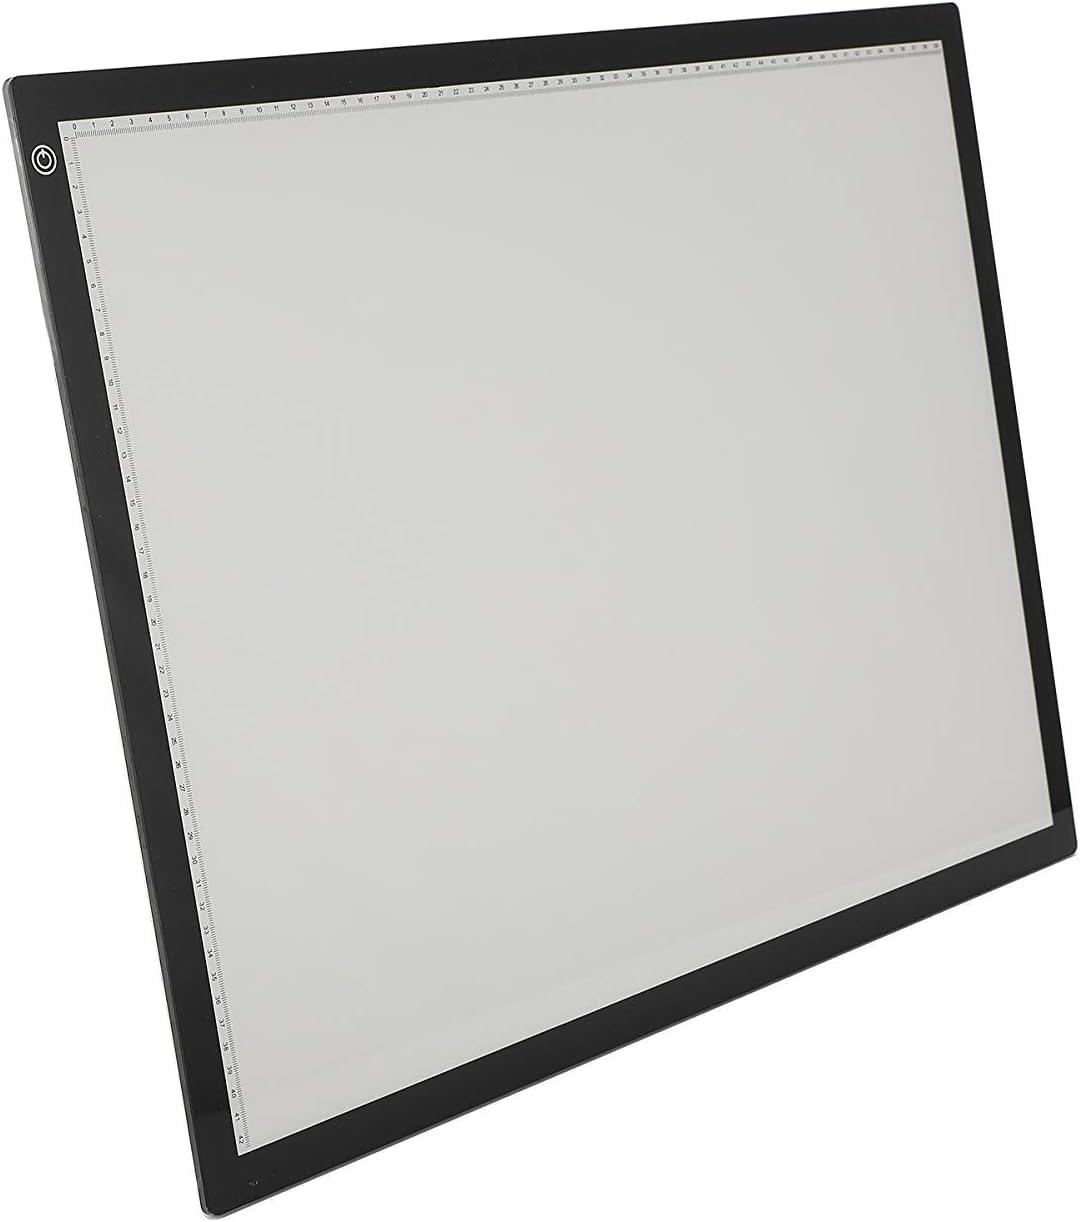 Gemeinsa LED Leuchttisch A2 Leuchtplatte Leuchtkasten dimmbare Leuchtrahmen Einstellbare Helligkeit LED Drawing Light Box Board Ultra D/ünn